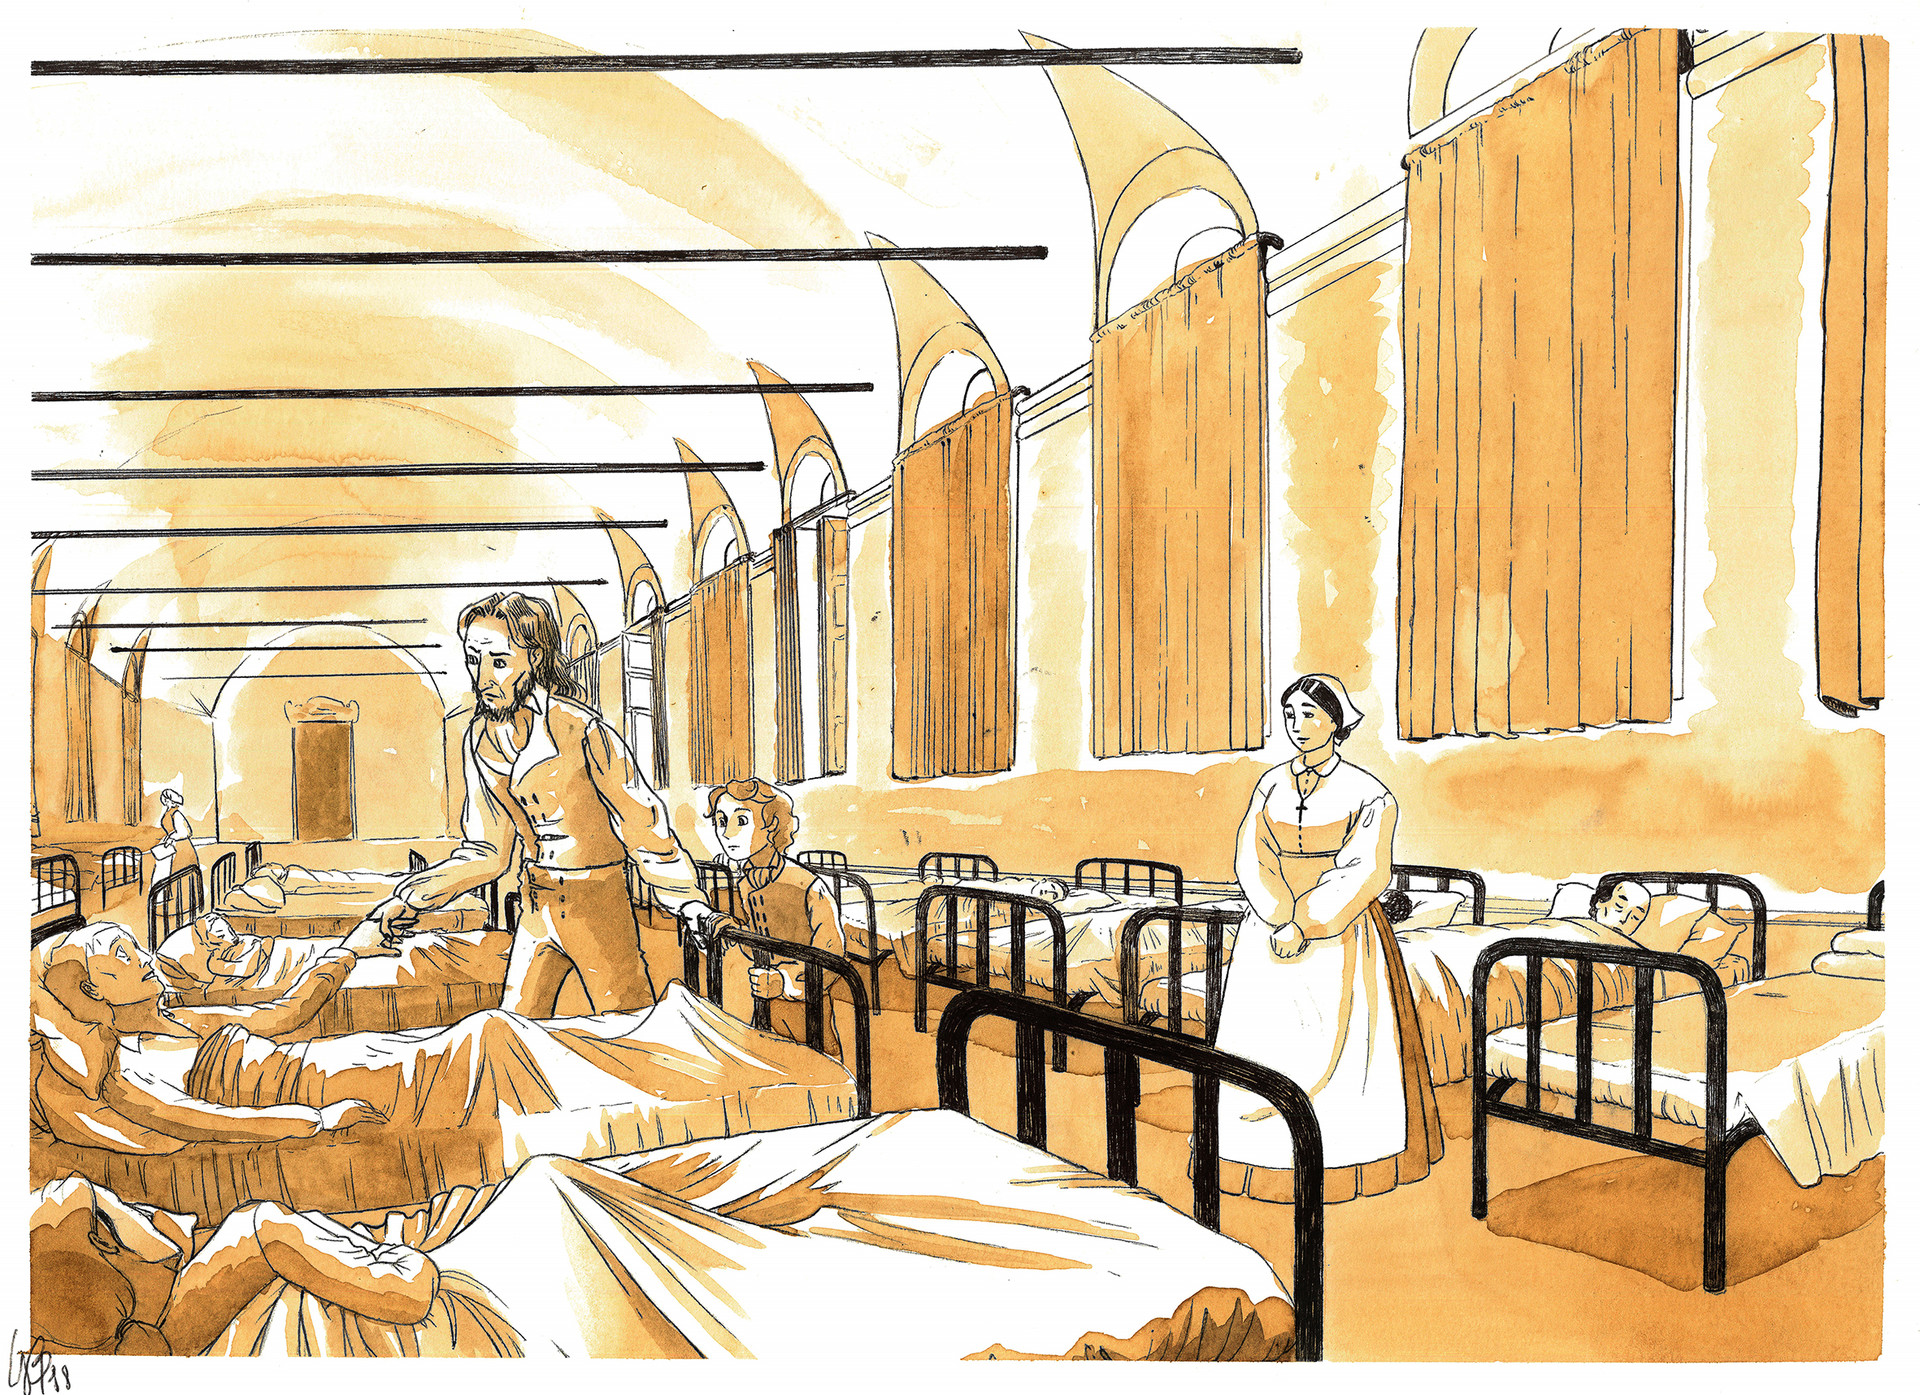 Paganini si reca con il figlio Achille all'ospedale di Pammatone, per visitare i malati di colera durante l'epidemia del 1835.